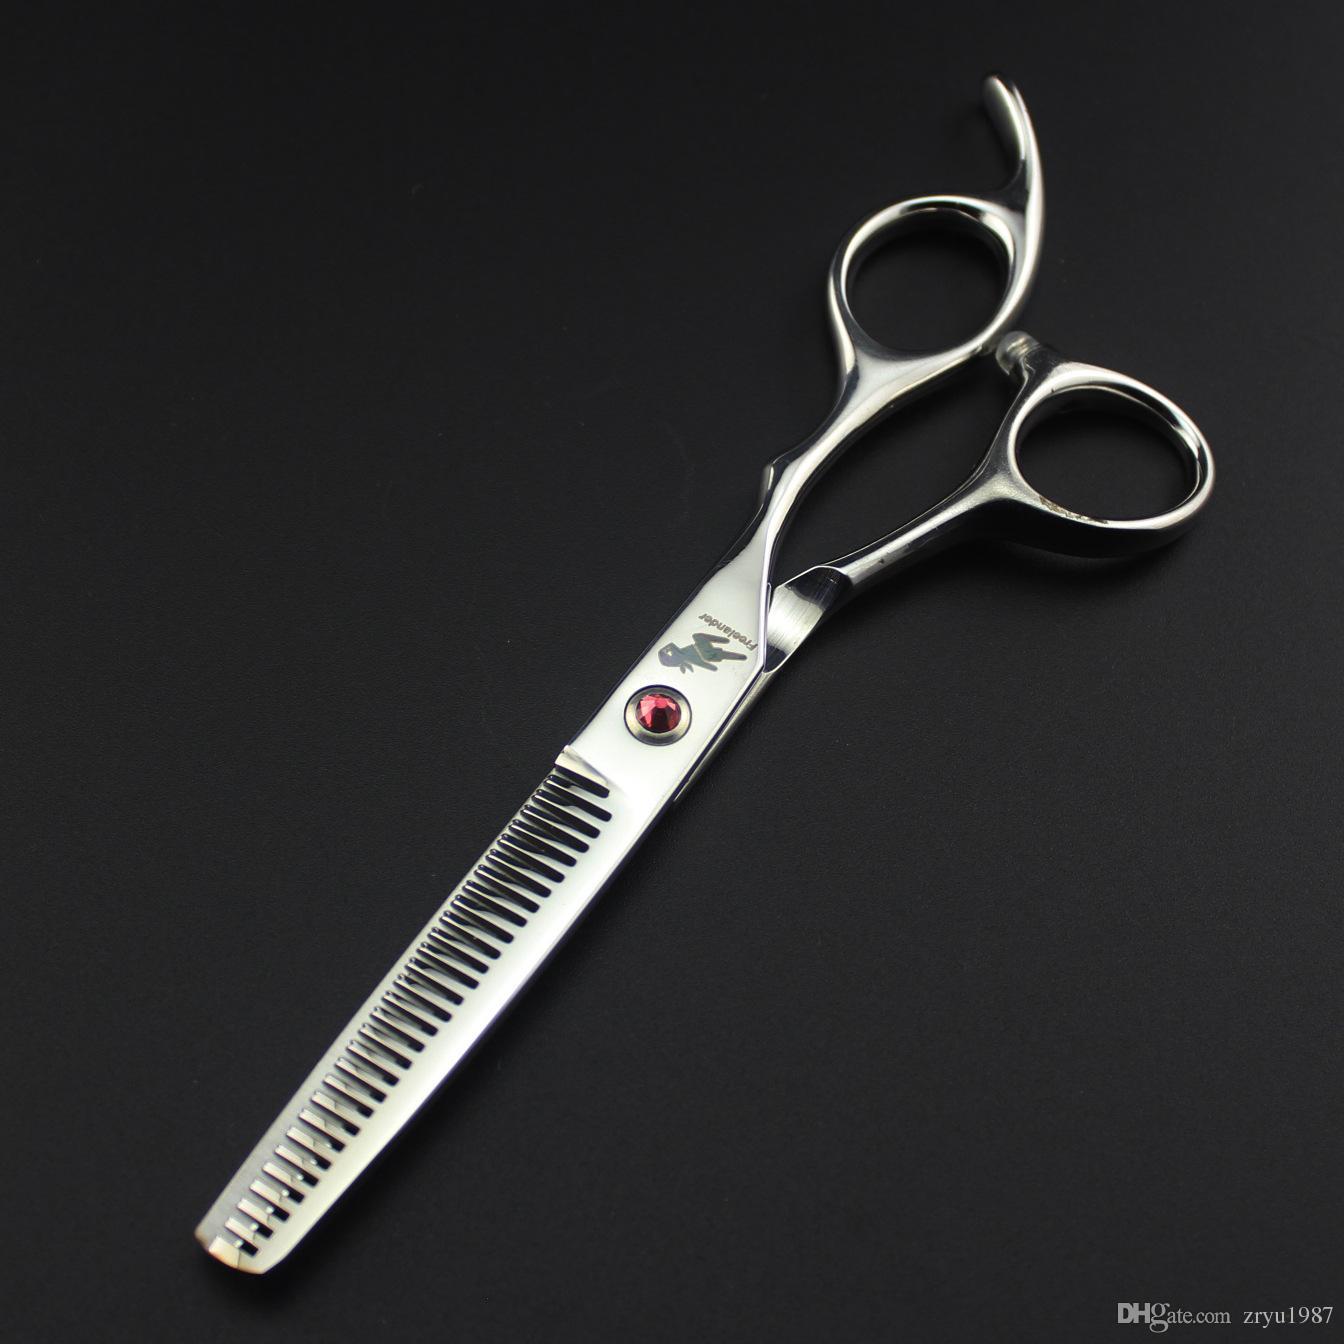 6 inch Professional Hairdressing Scissors Salon Equipment Hair Makas for Barber Hairdressing